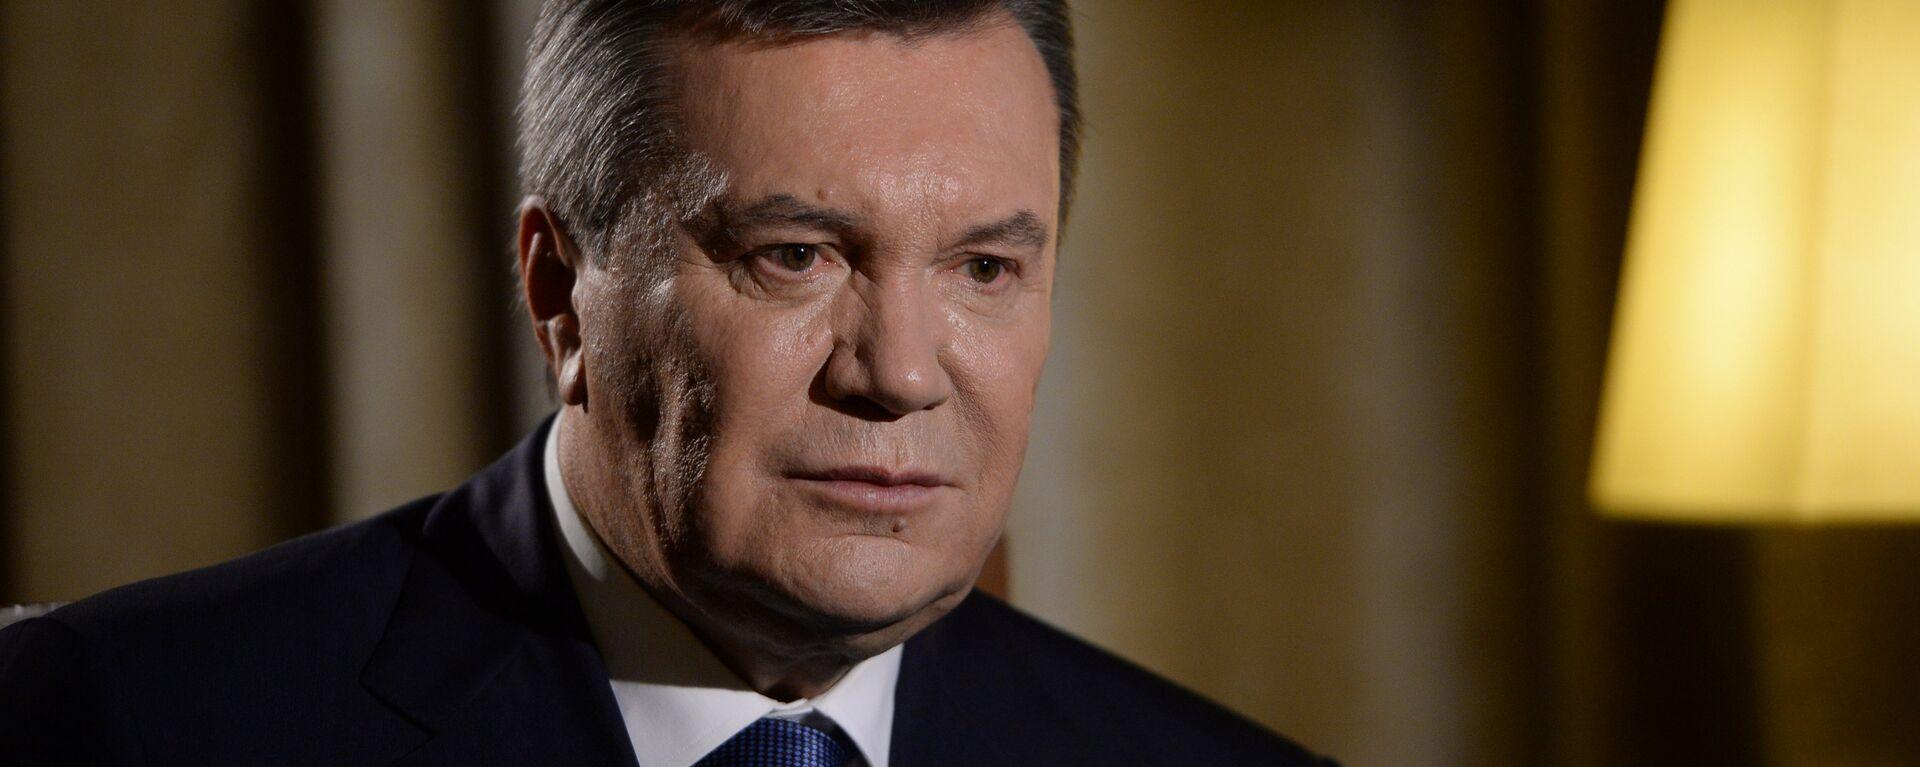 Бывший президент Украины Виктор Янукович дал интервью РИА Новости - Sputnik Mundo, 1920, 17.08.2021